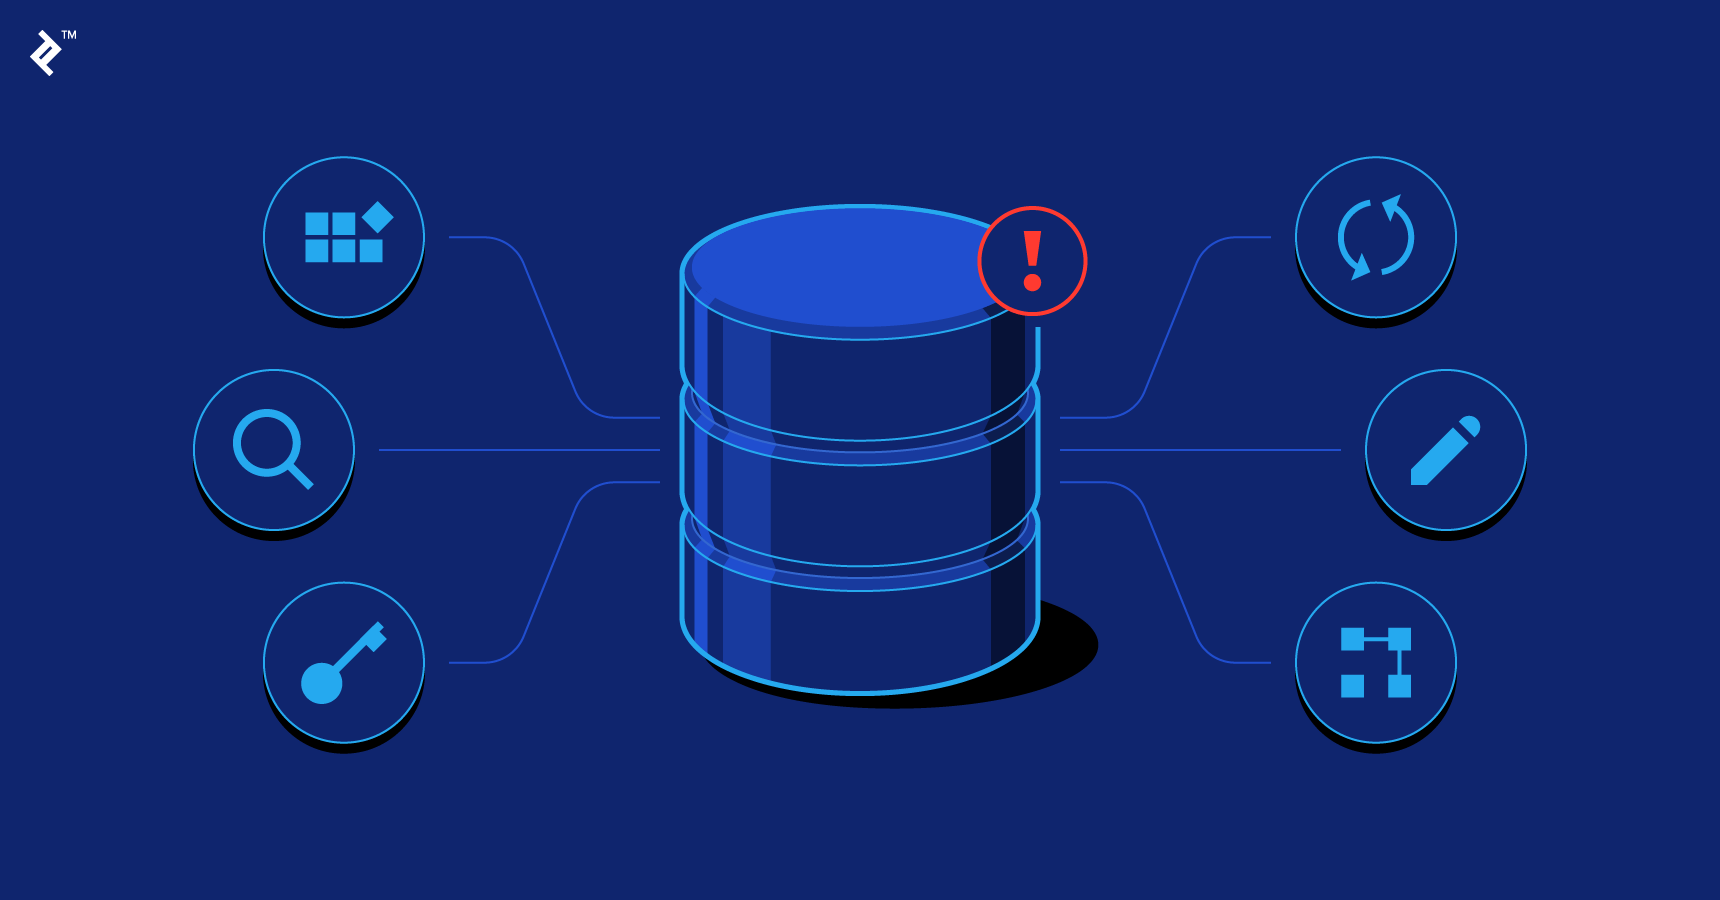 Vai trò của Databaseđiều bạn cần biết